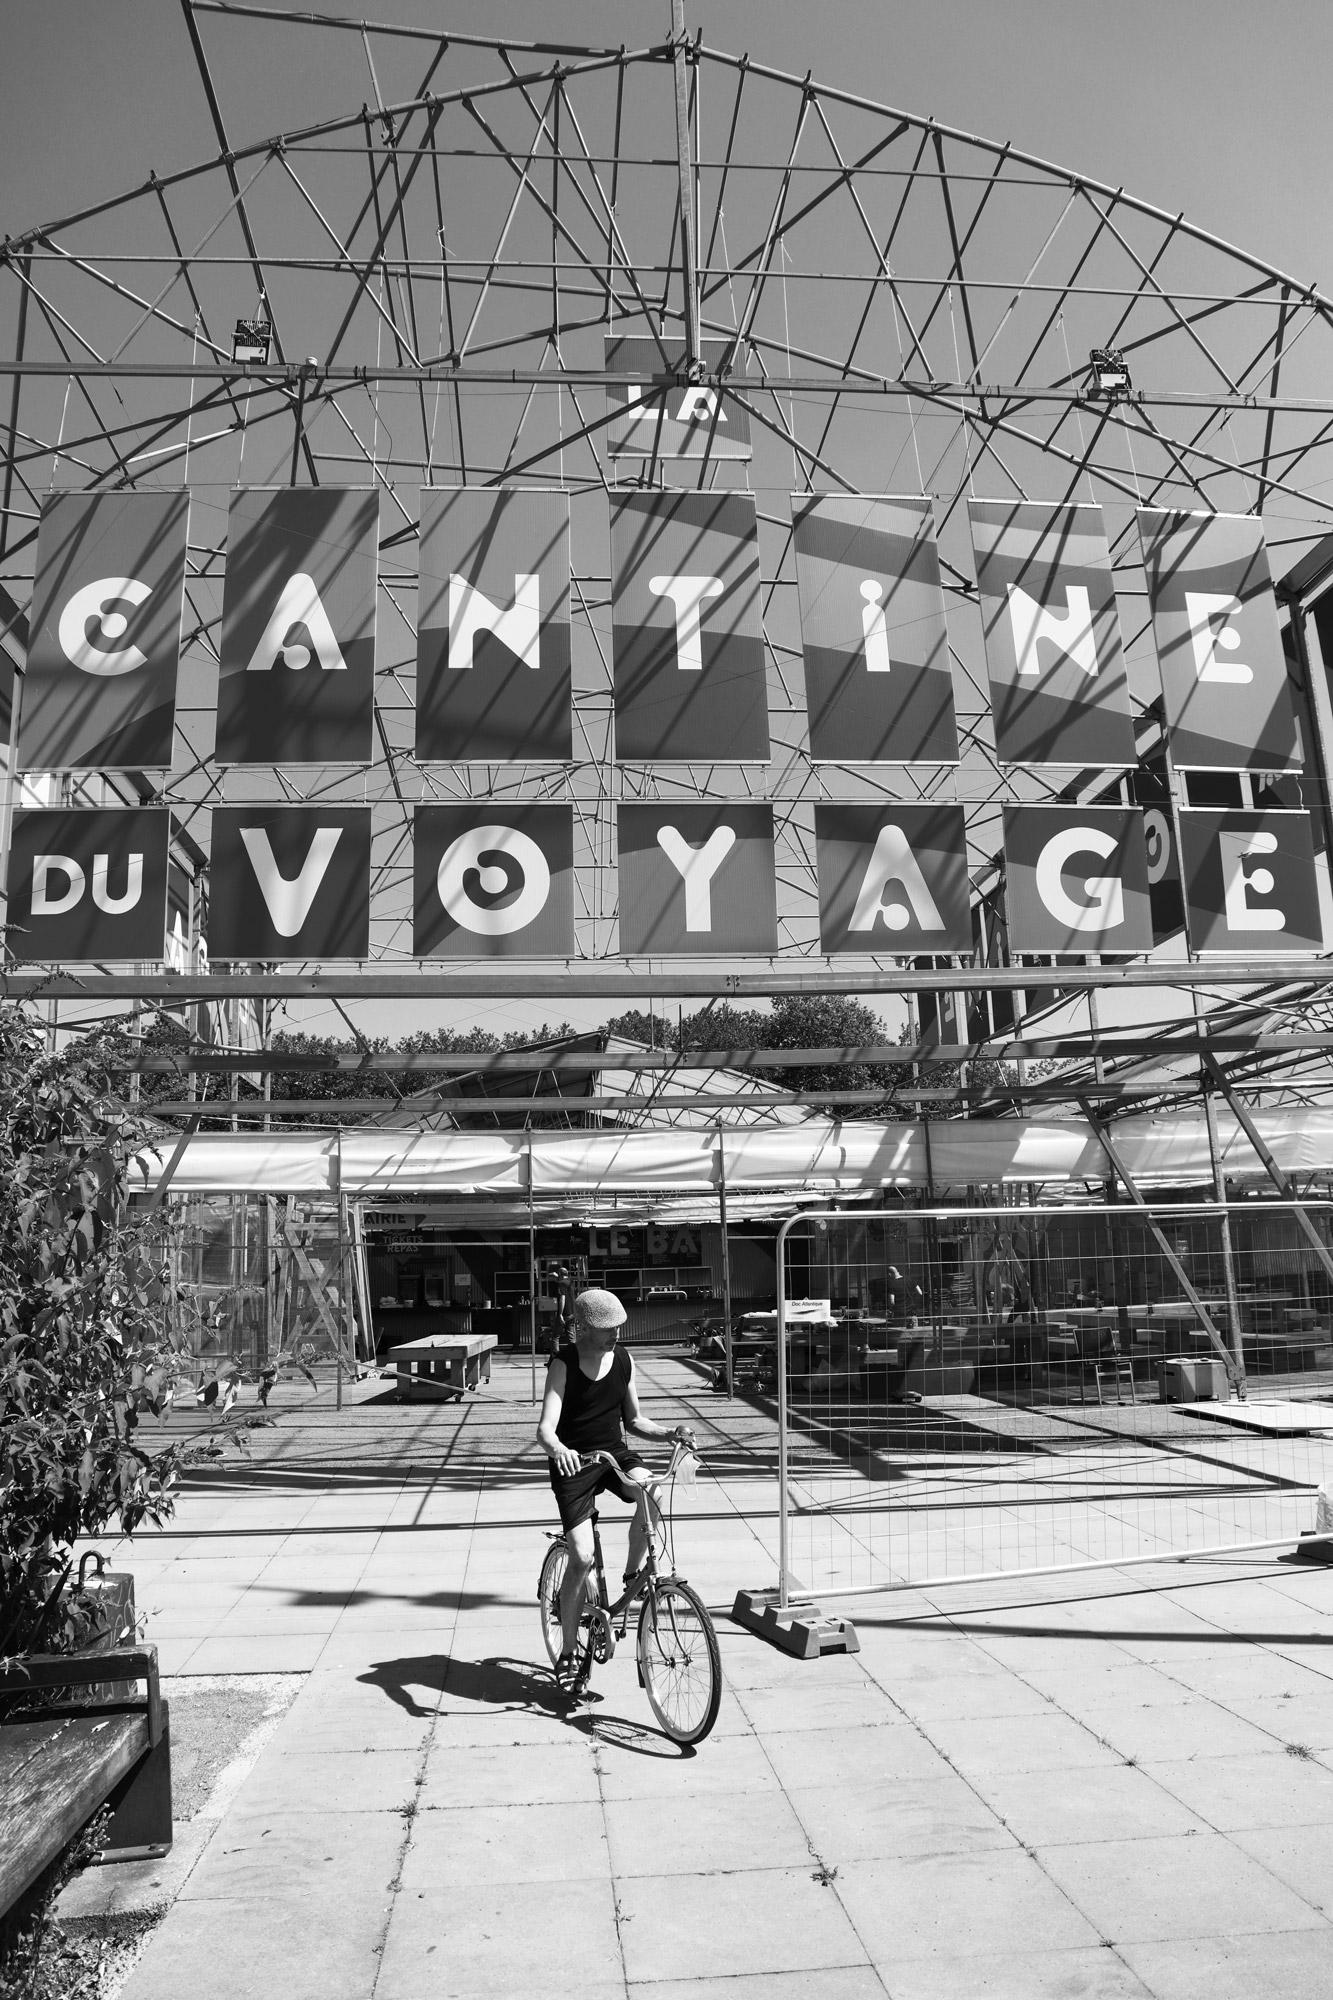 """""""Back to normal?"""" - La Cantine du Voyage, Quai des Antilles, Nantes. ©Clémence Rougetet"""